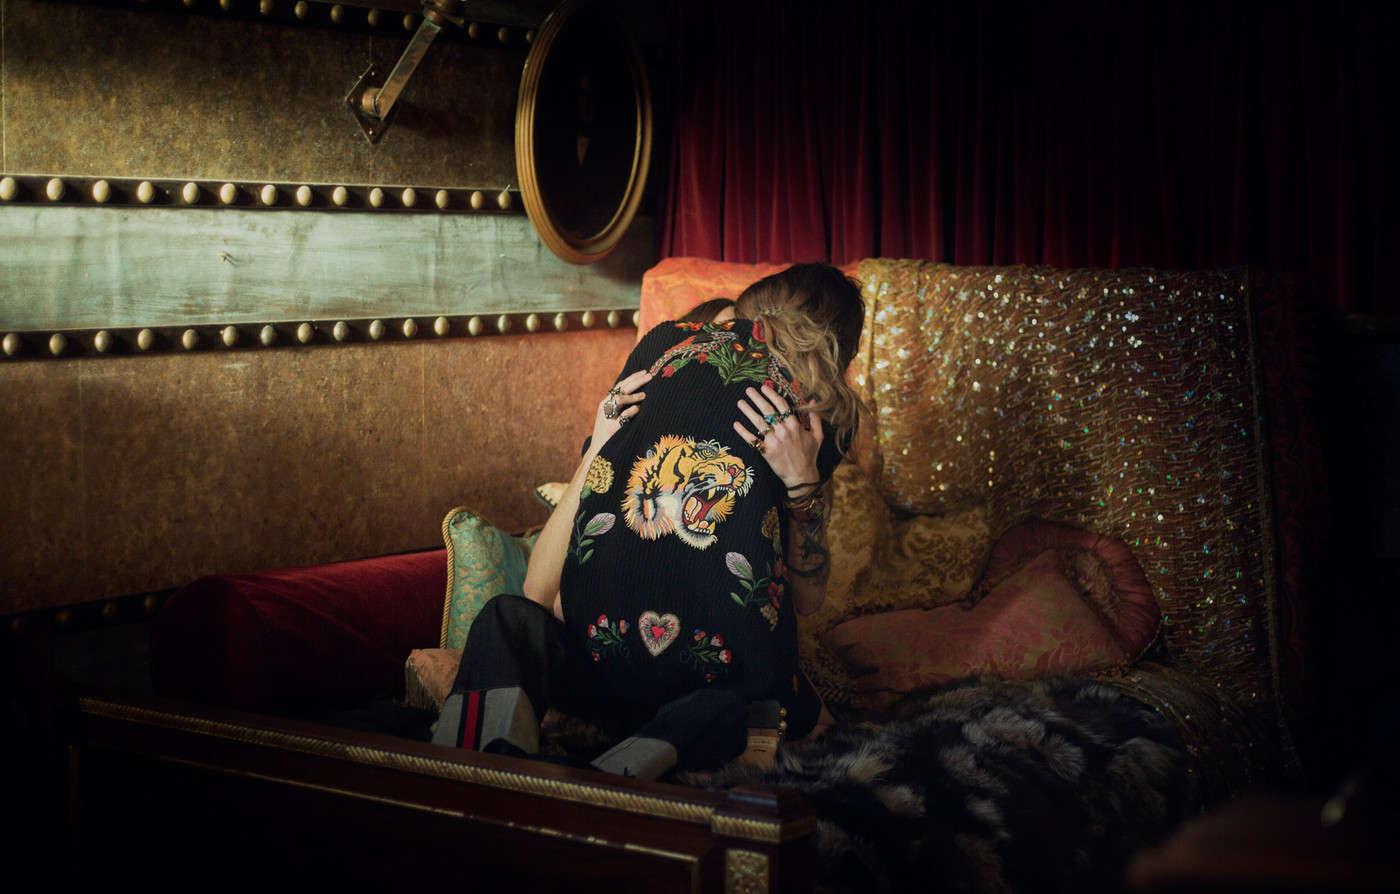 El mito de Orfeo y Eurídice de Gucci  - fashion film